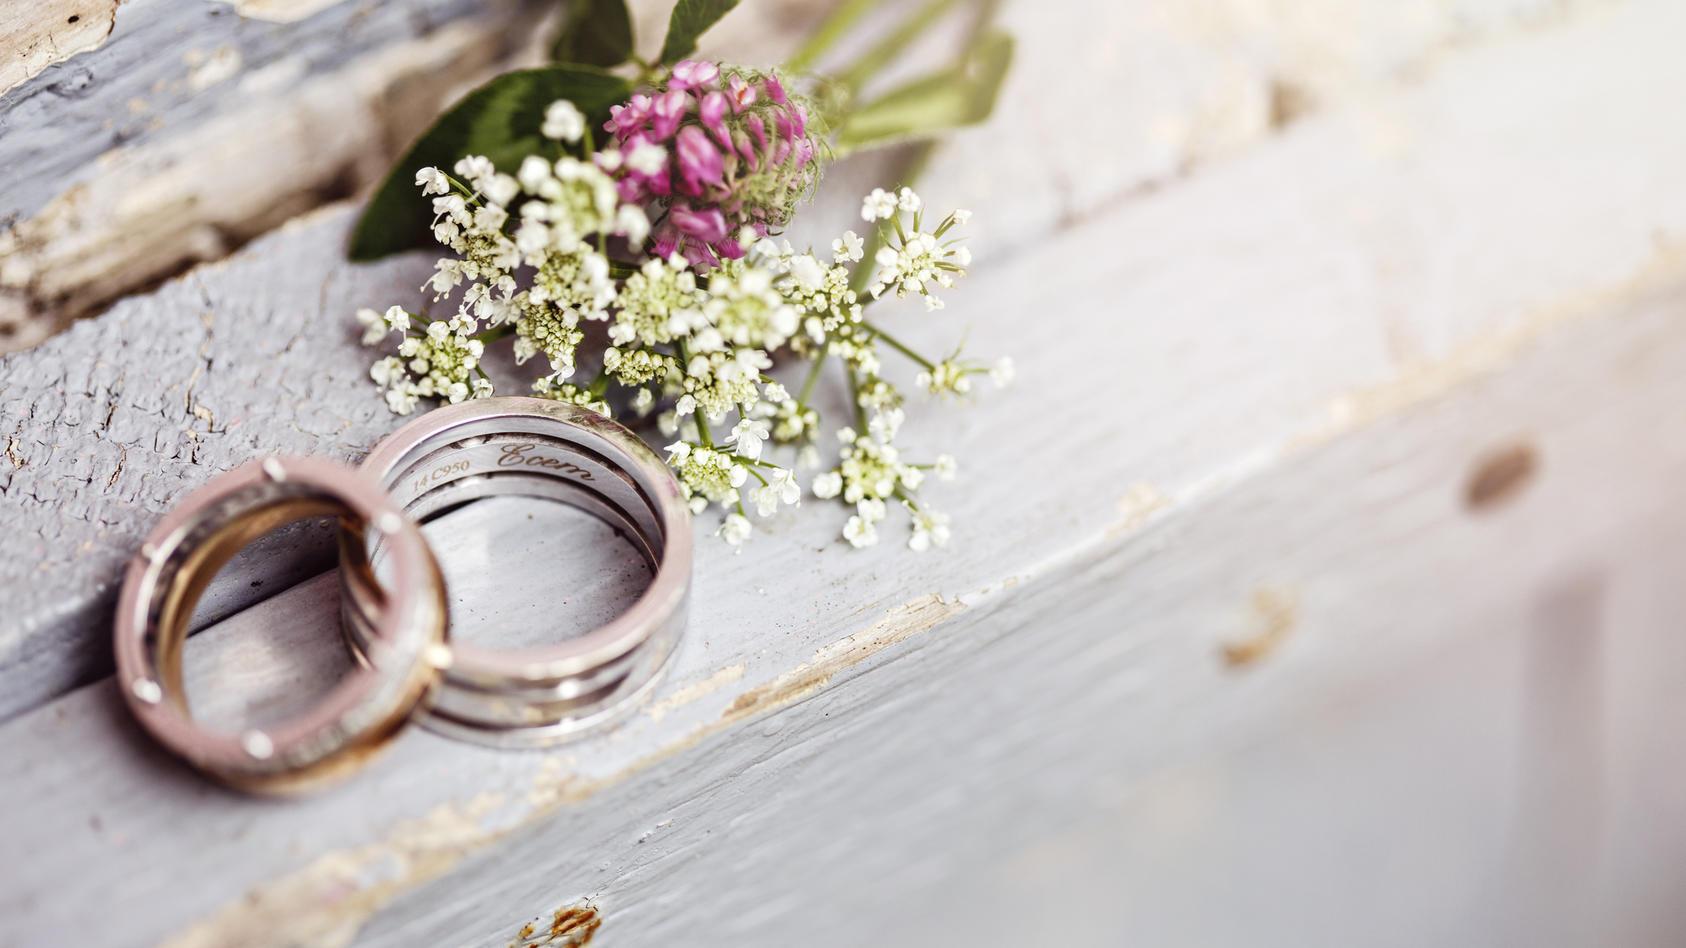 Das Ringkissen für die Hochzeitsringe sollte nicht vergessen werden.